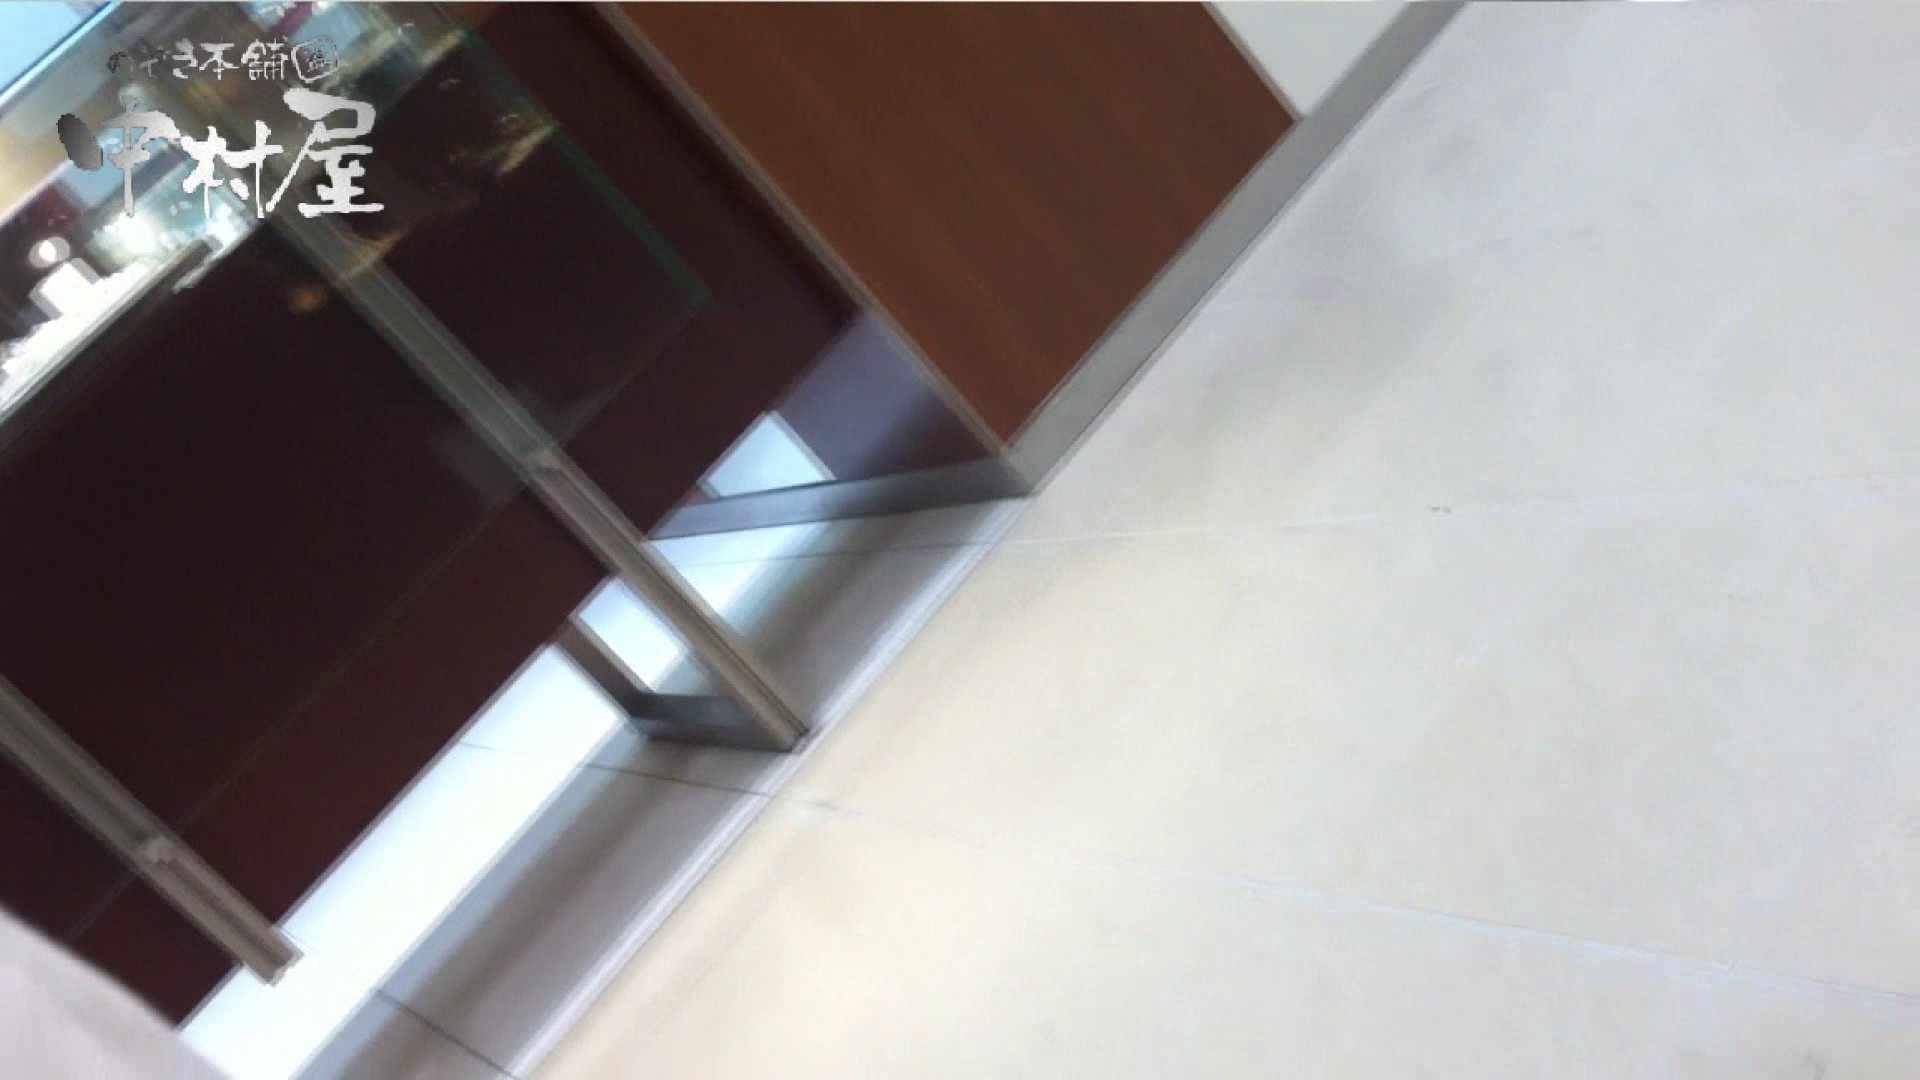 vol.49 可愛いカリスマ店員‼胸チラ&パンチラ お嬢様系店員さん パンチラ  101PIX 56